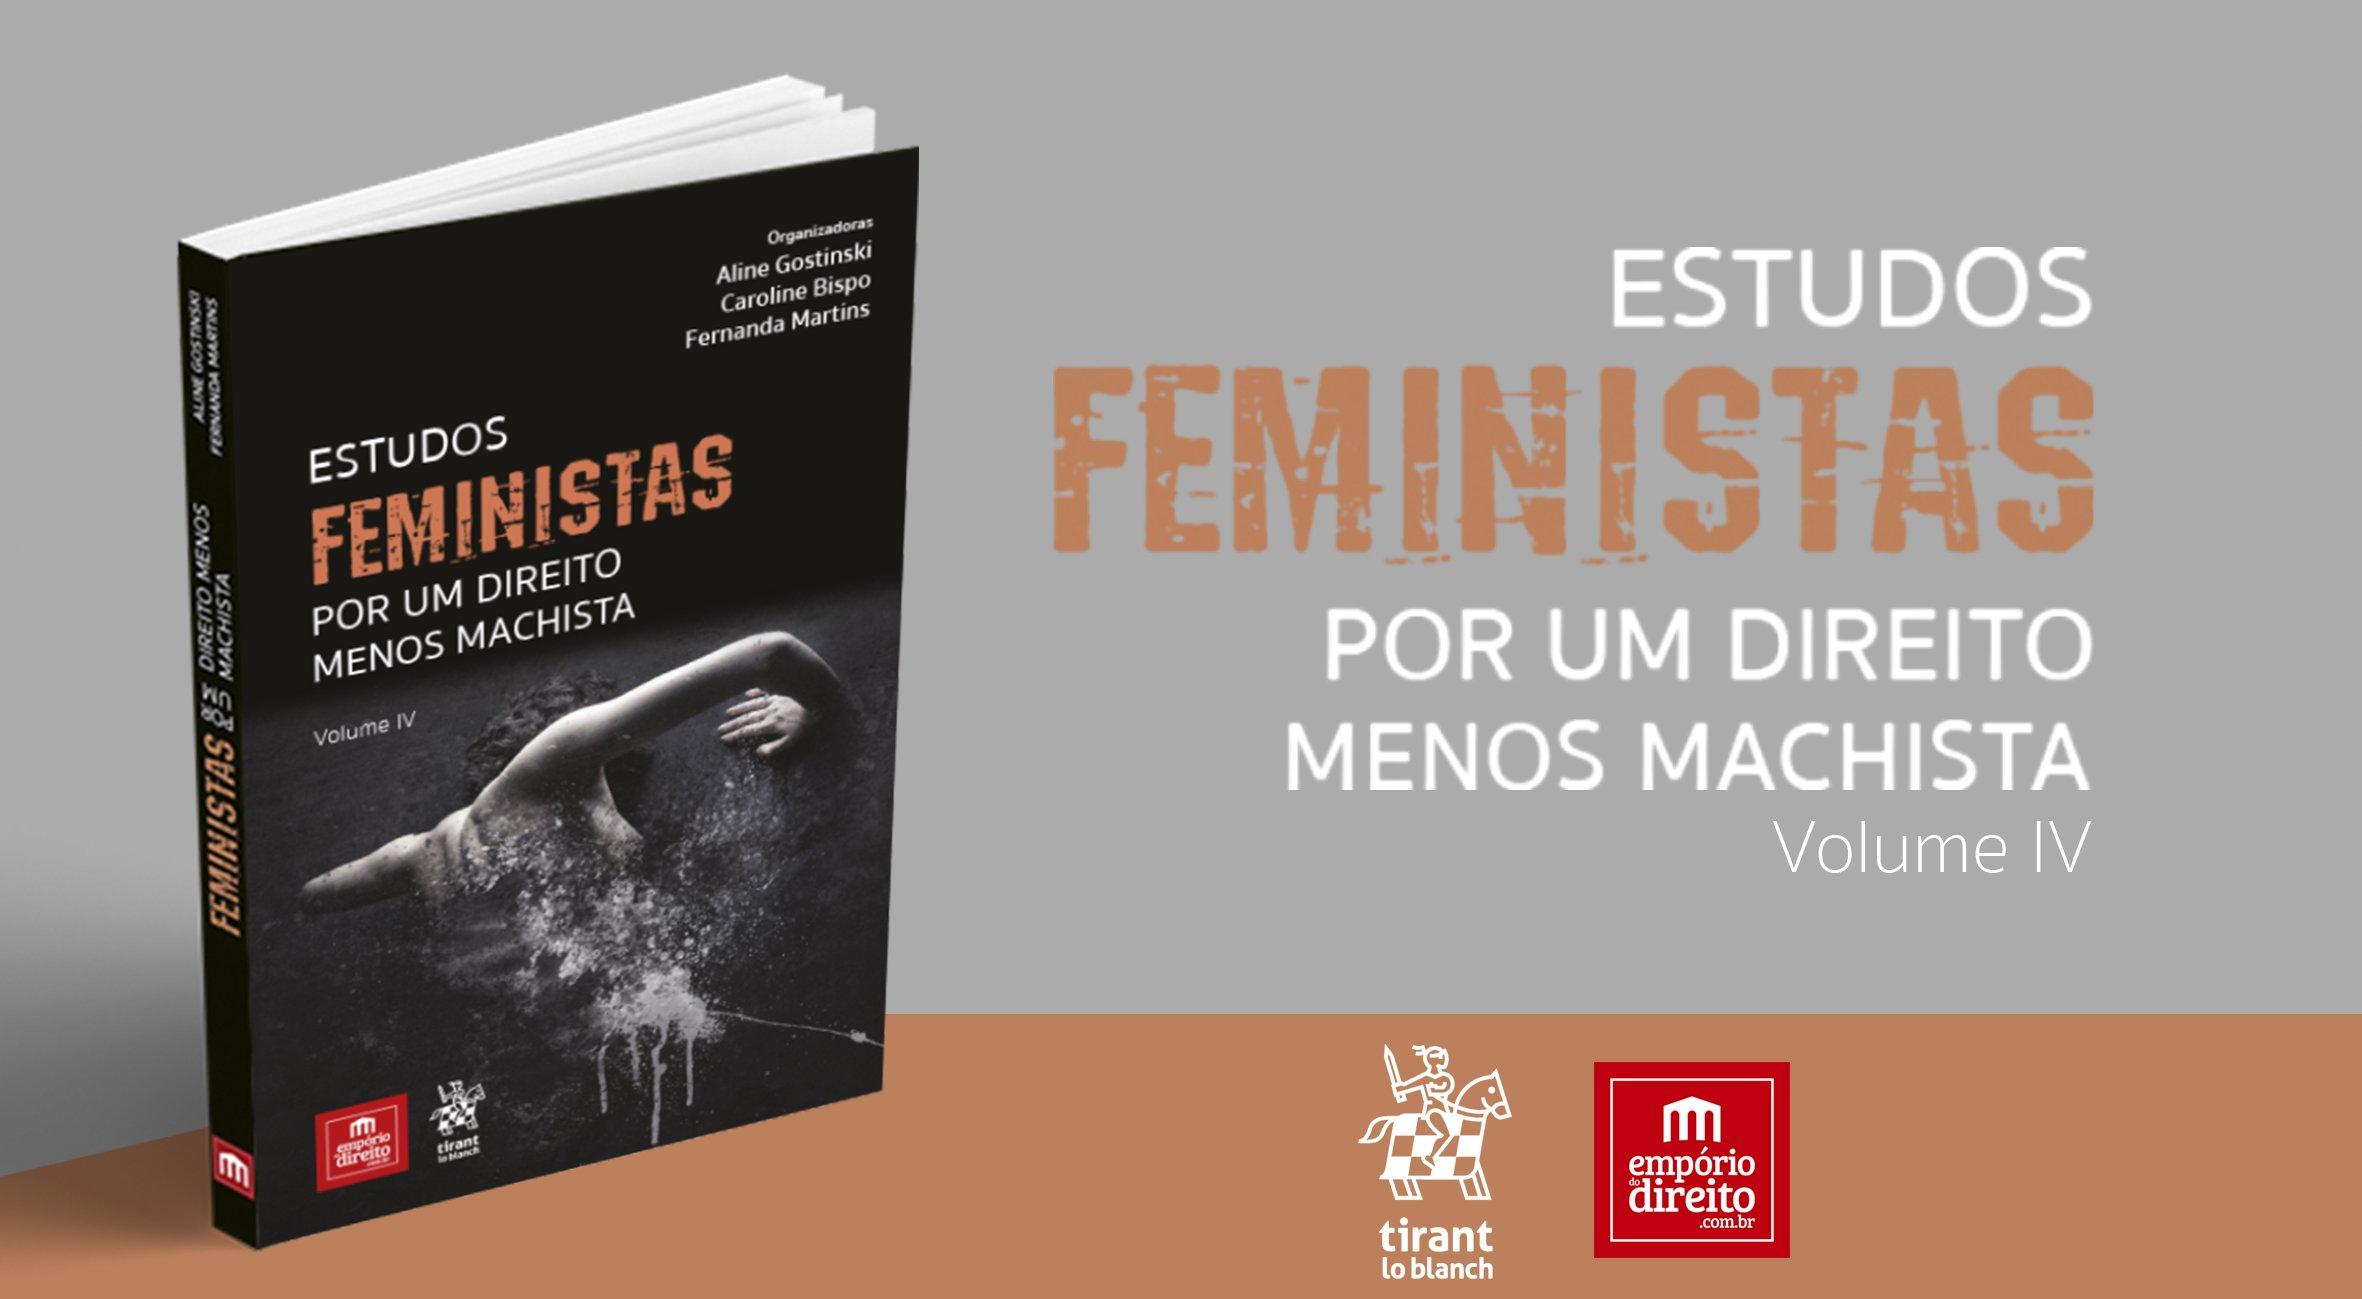 Estudos Feministas, vol. IV - Por um Direito MENOS Machista